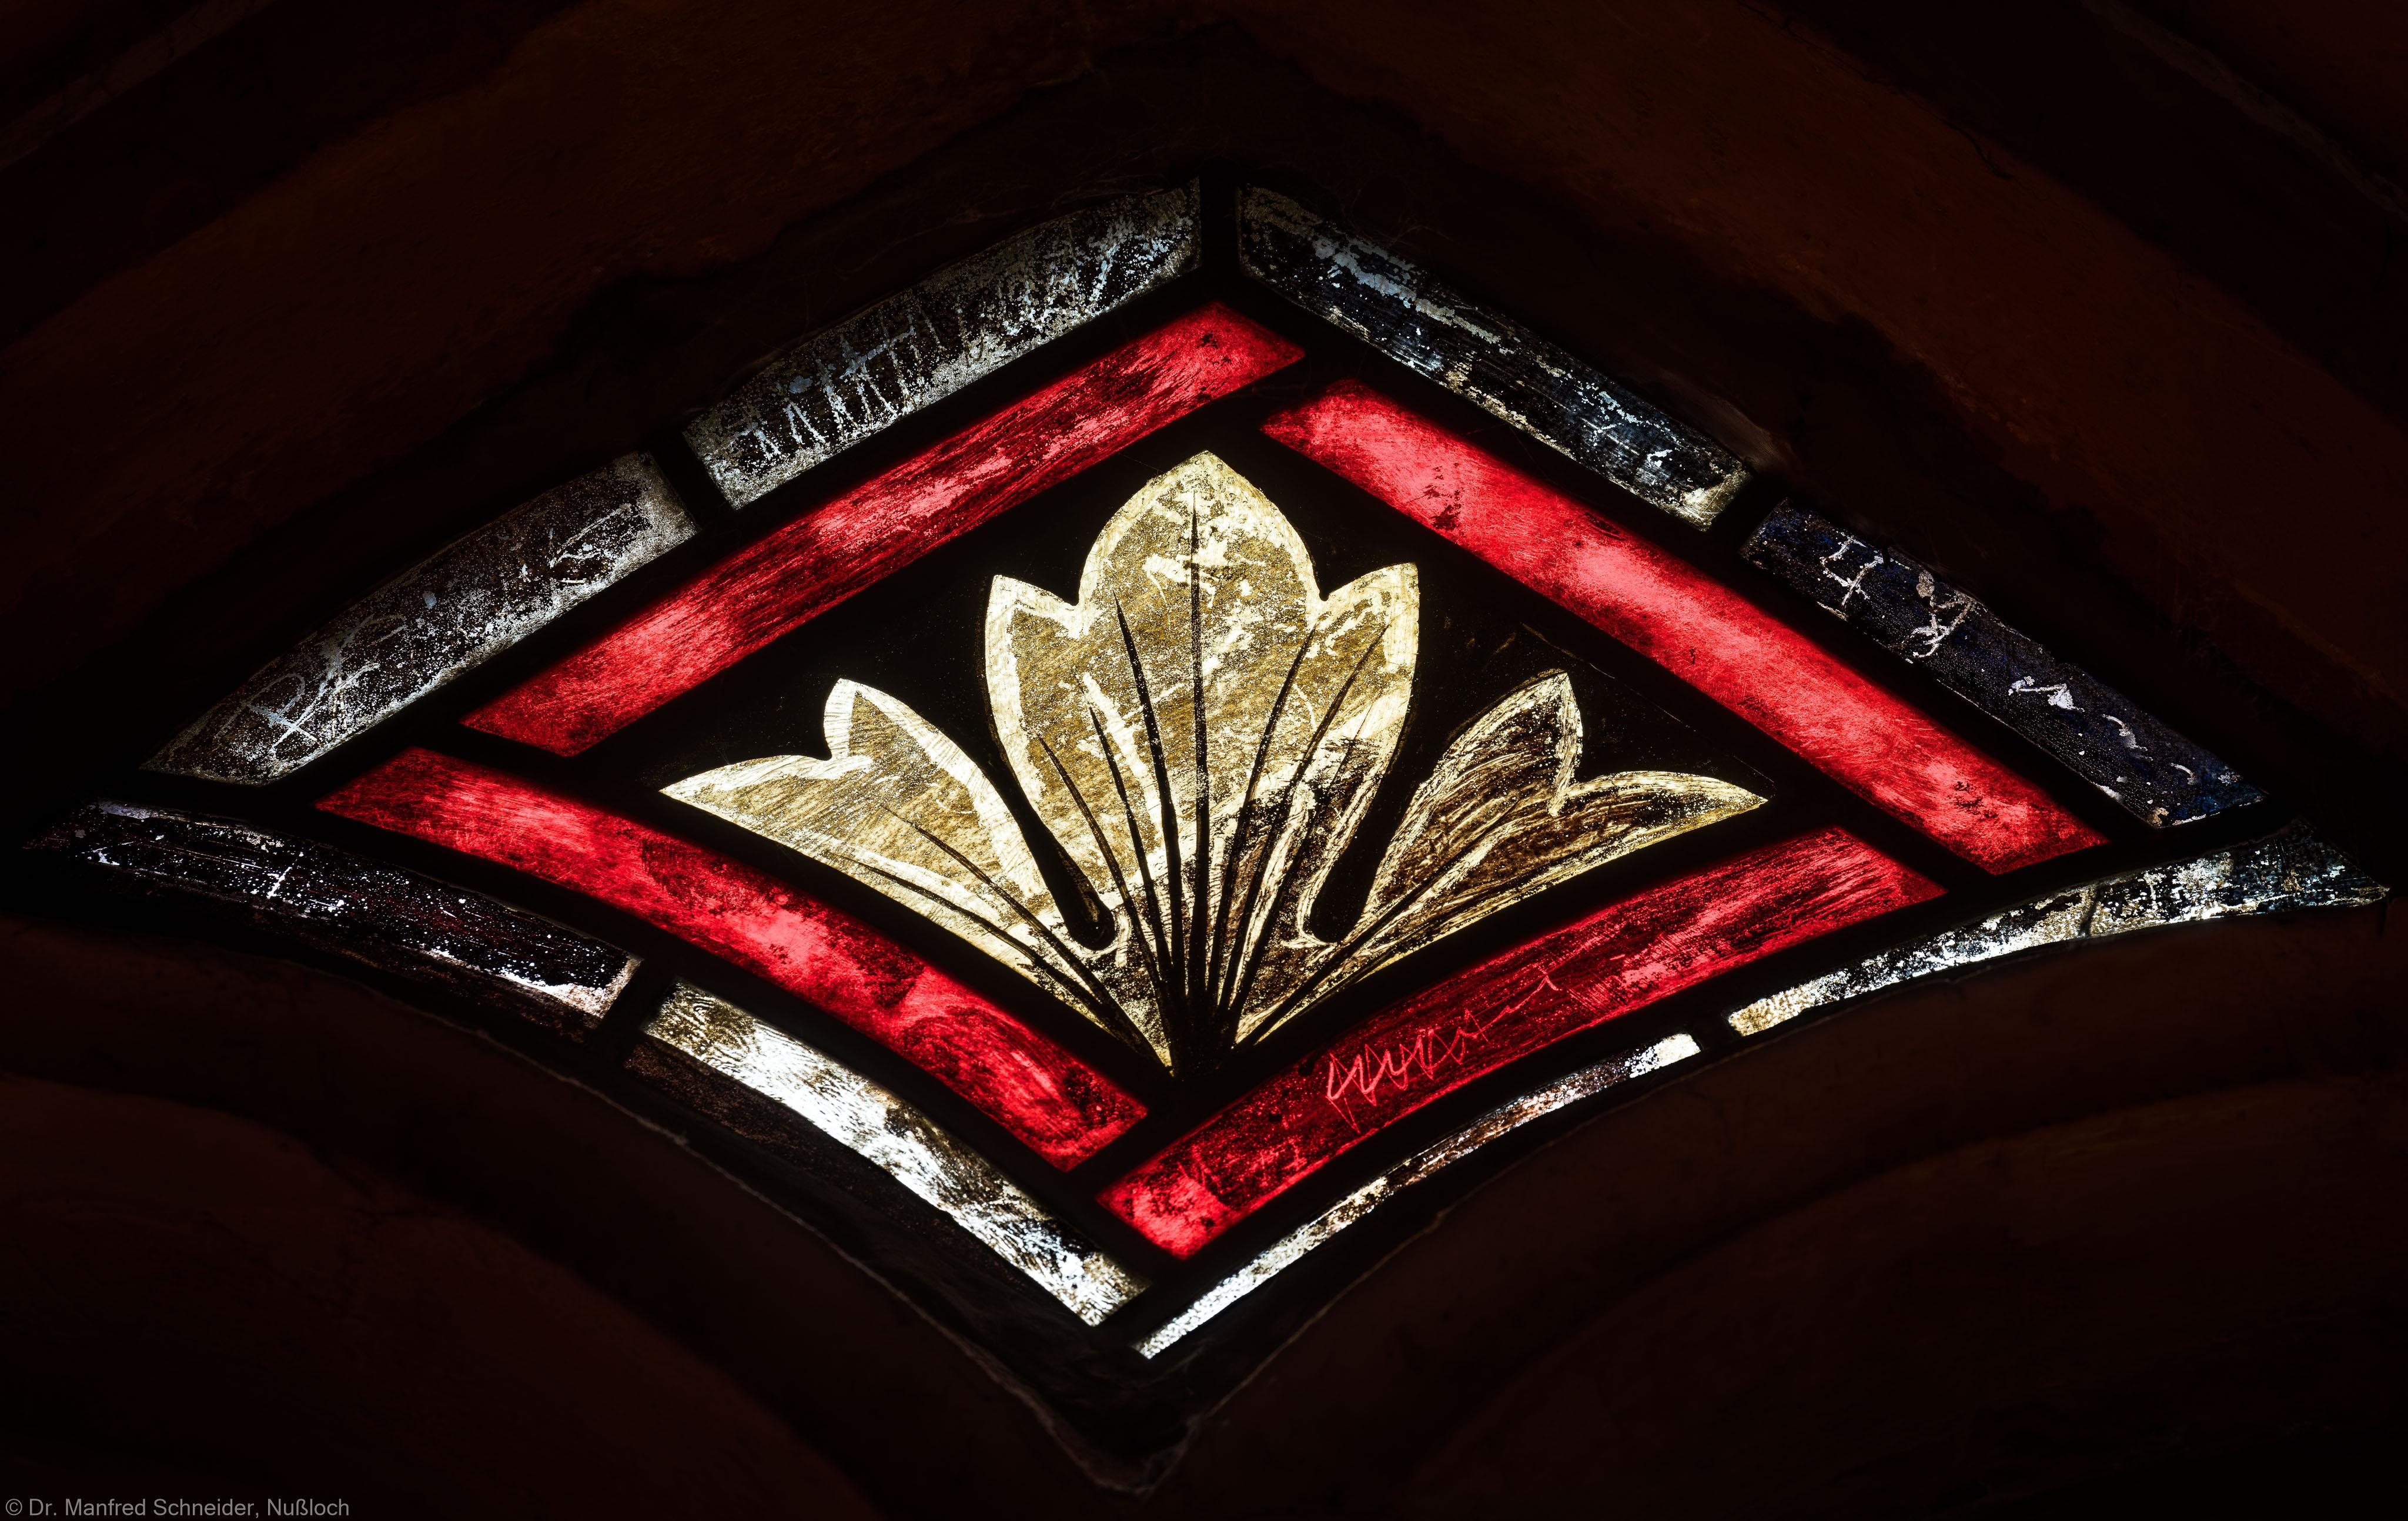 Heidelberg - Heiliggeistkirche - Südschiff - 2. Joch, von Westen aus gezählt - Raute im Maßwerk des Ornamentfensters (aufgenommen im Oktober 2015, um die Mittagszeit)